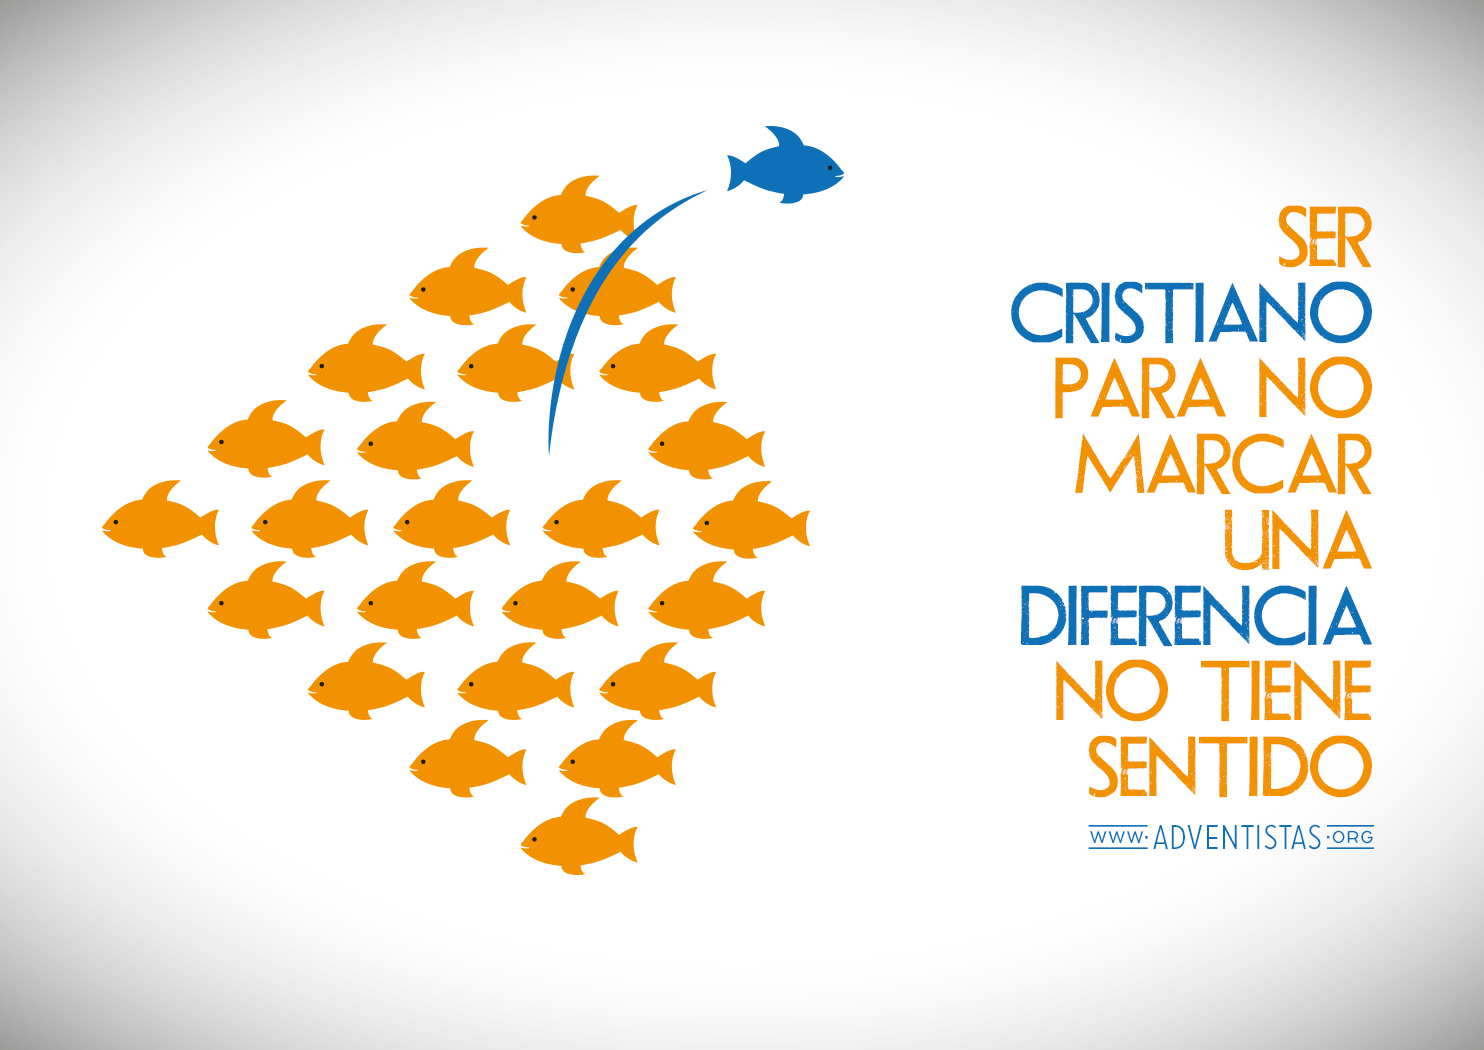 site_ser-cristiano-diferencia